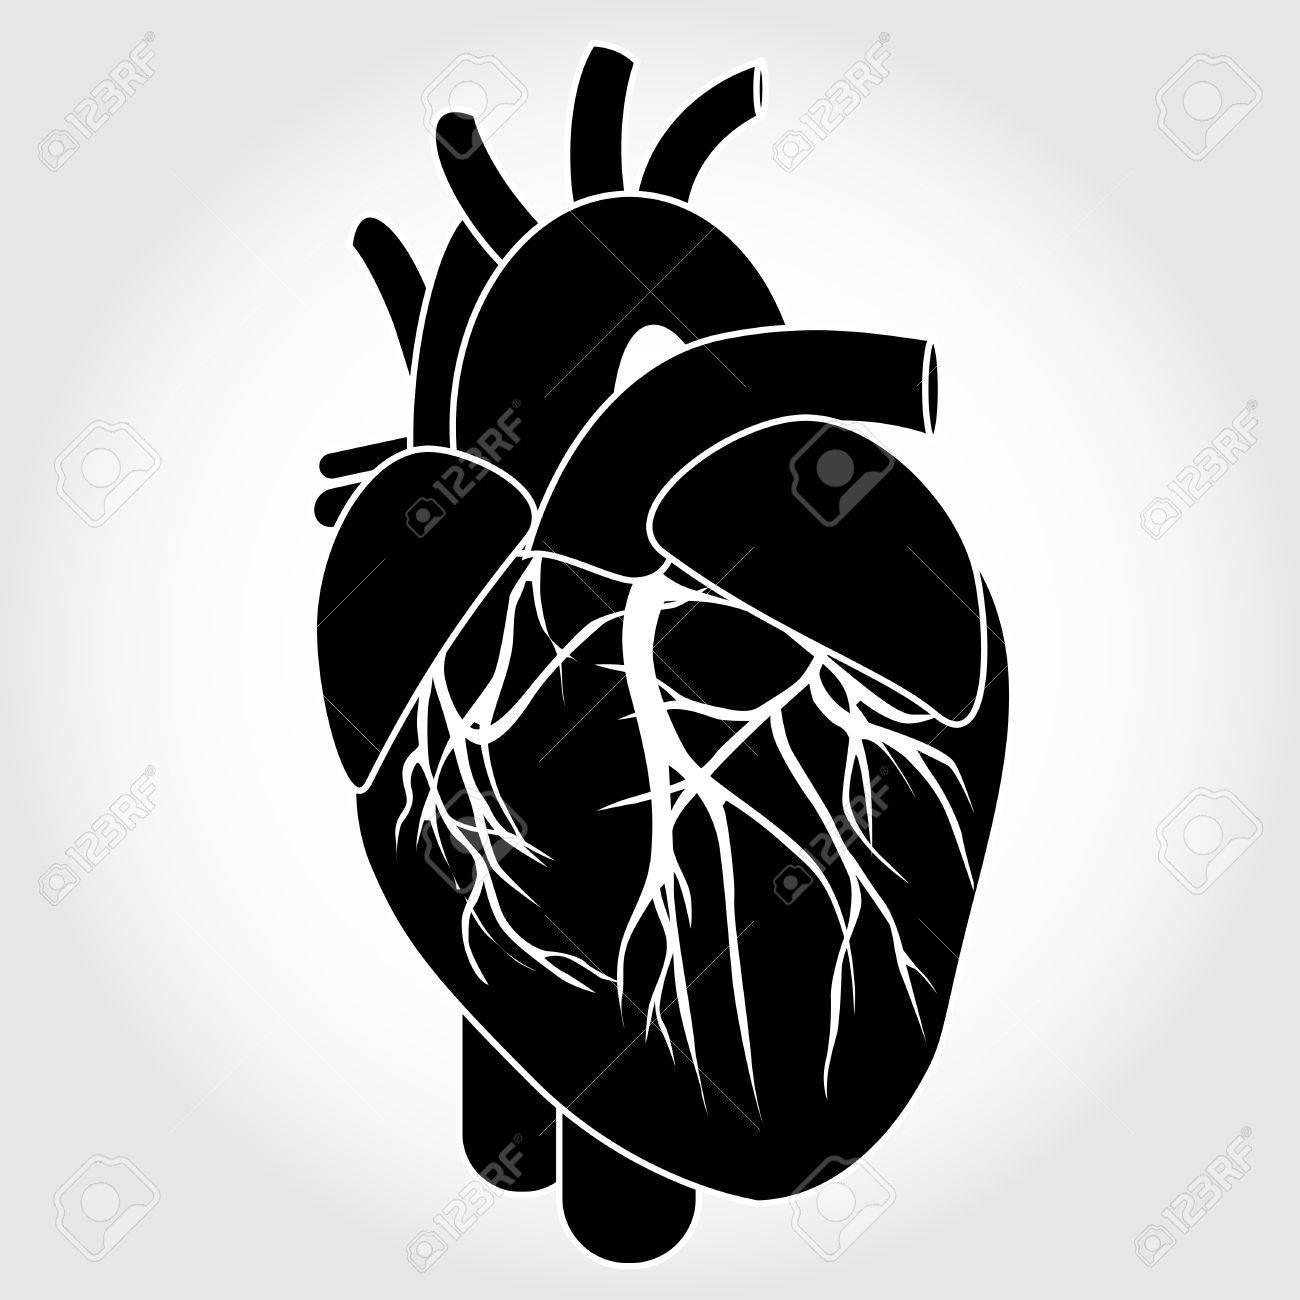 Menschliches Herz Anatomie Von Einem Gesunden Körper Isoliert Auf ...